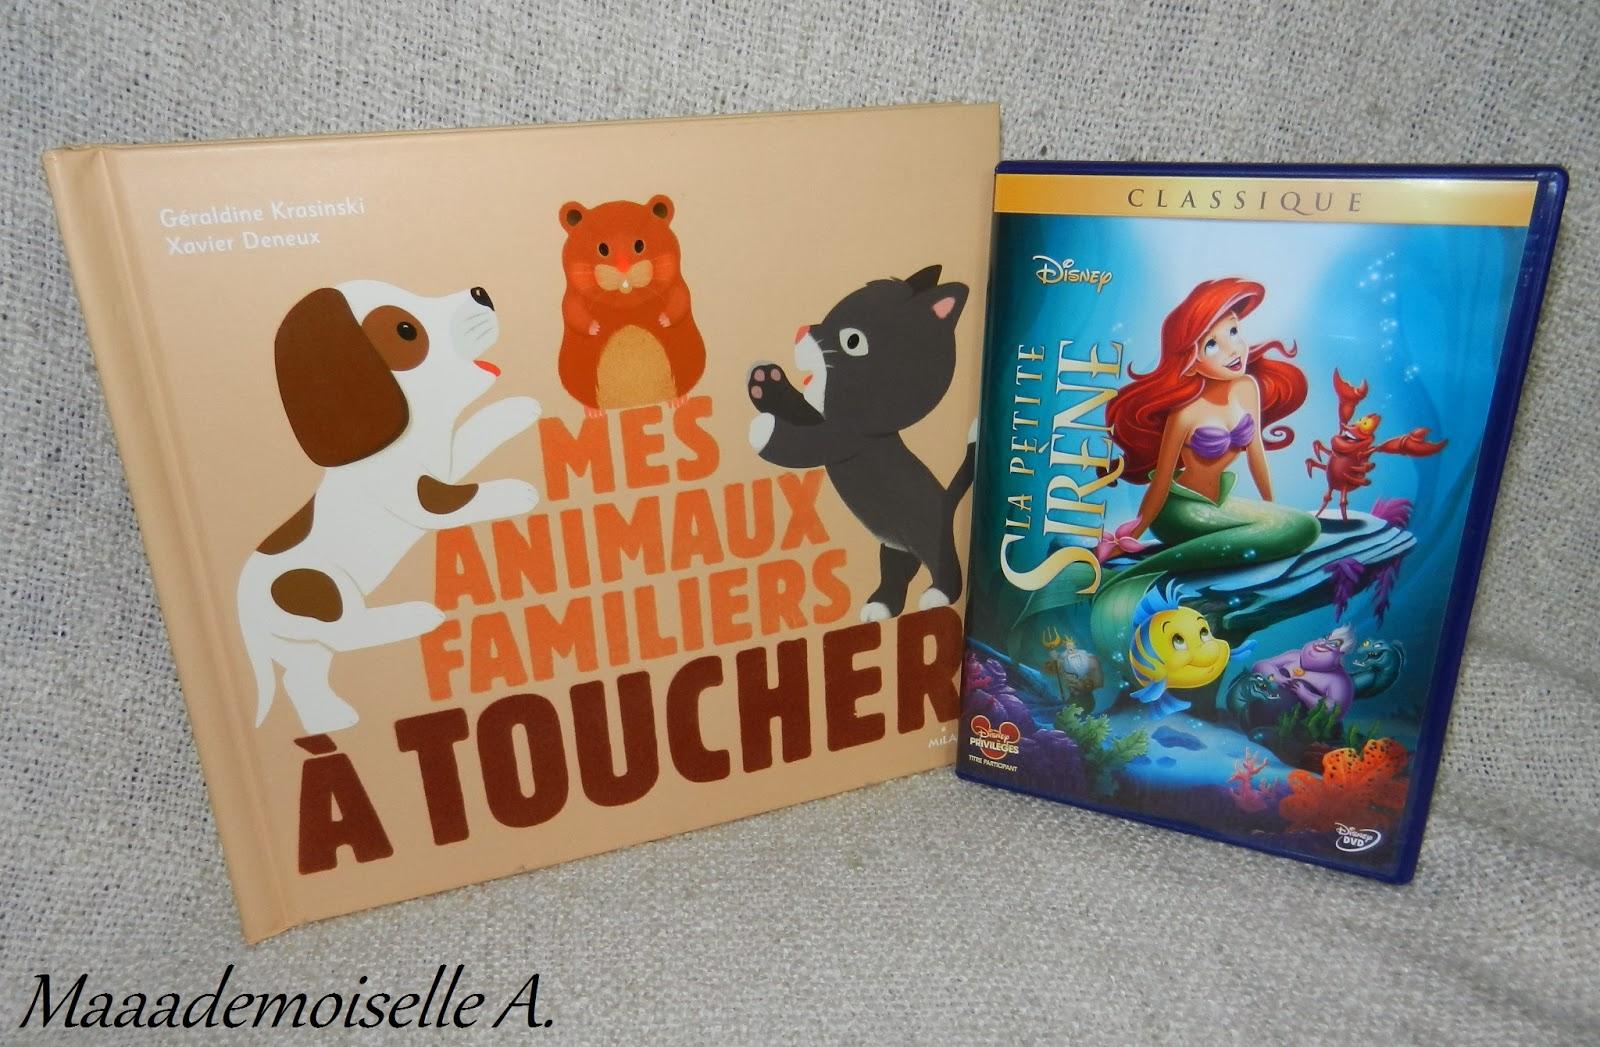 livre mes animaux familiers à toucher et dvd la petite sirène